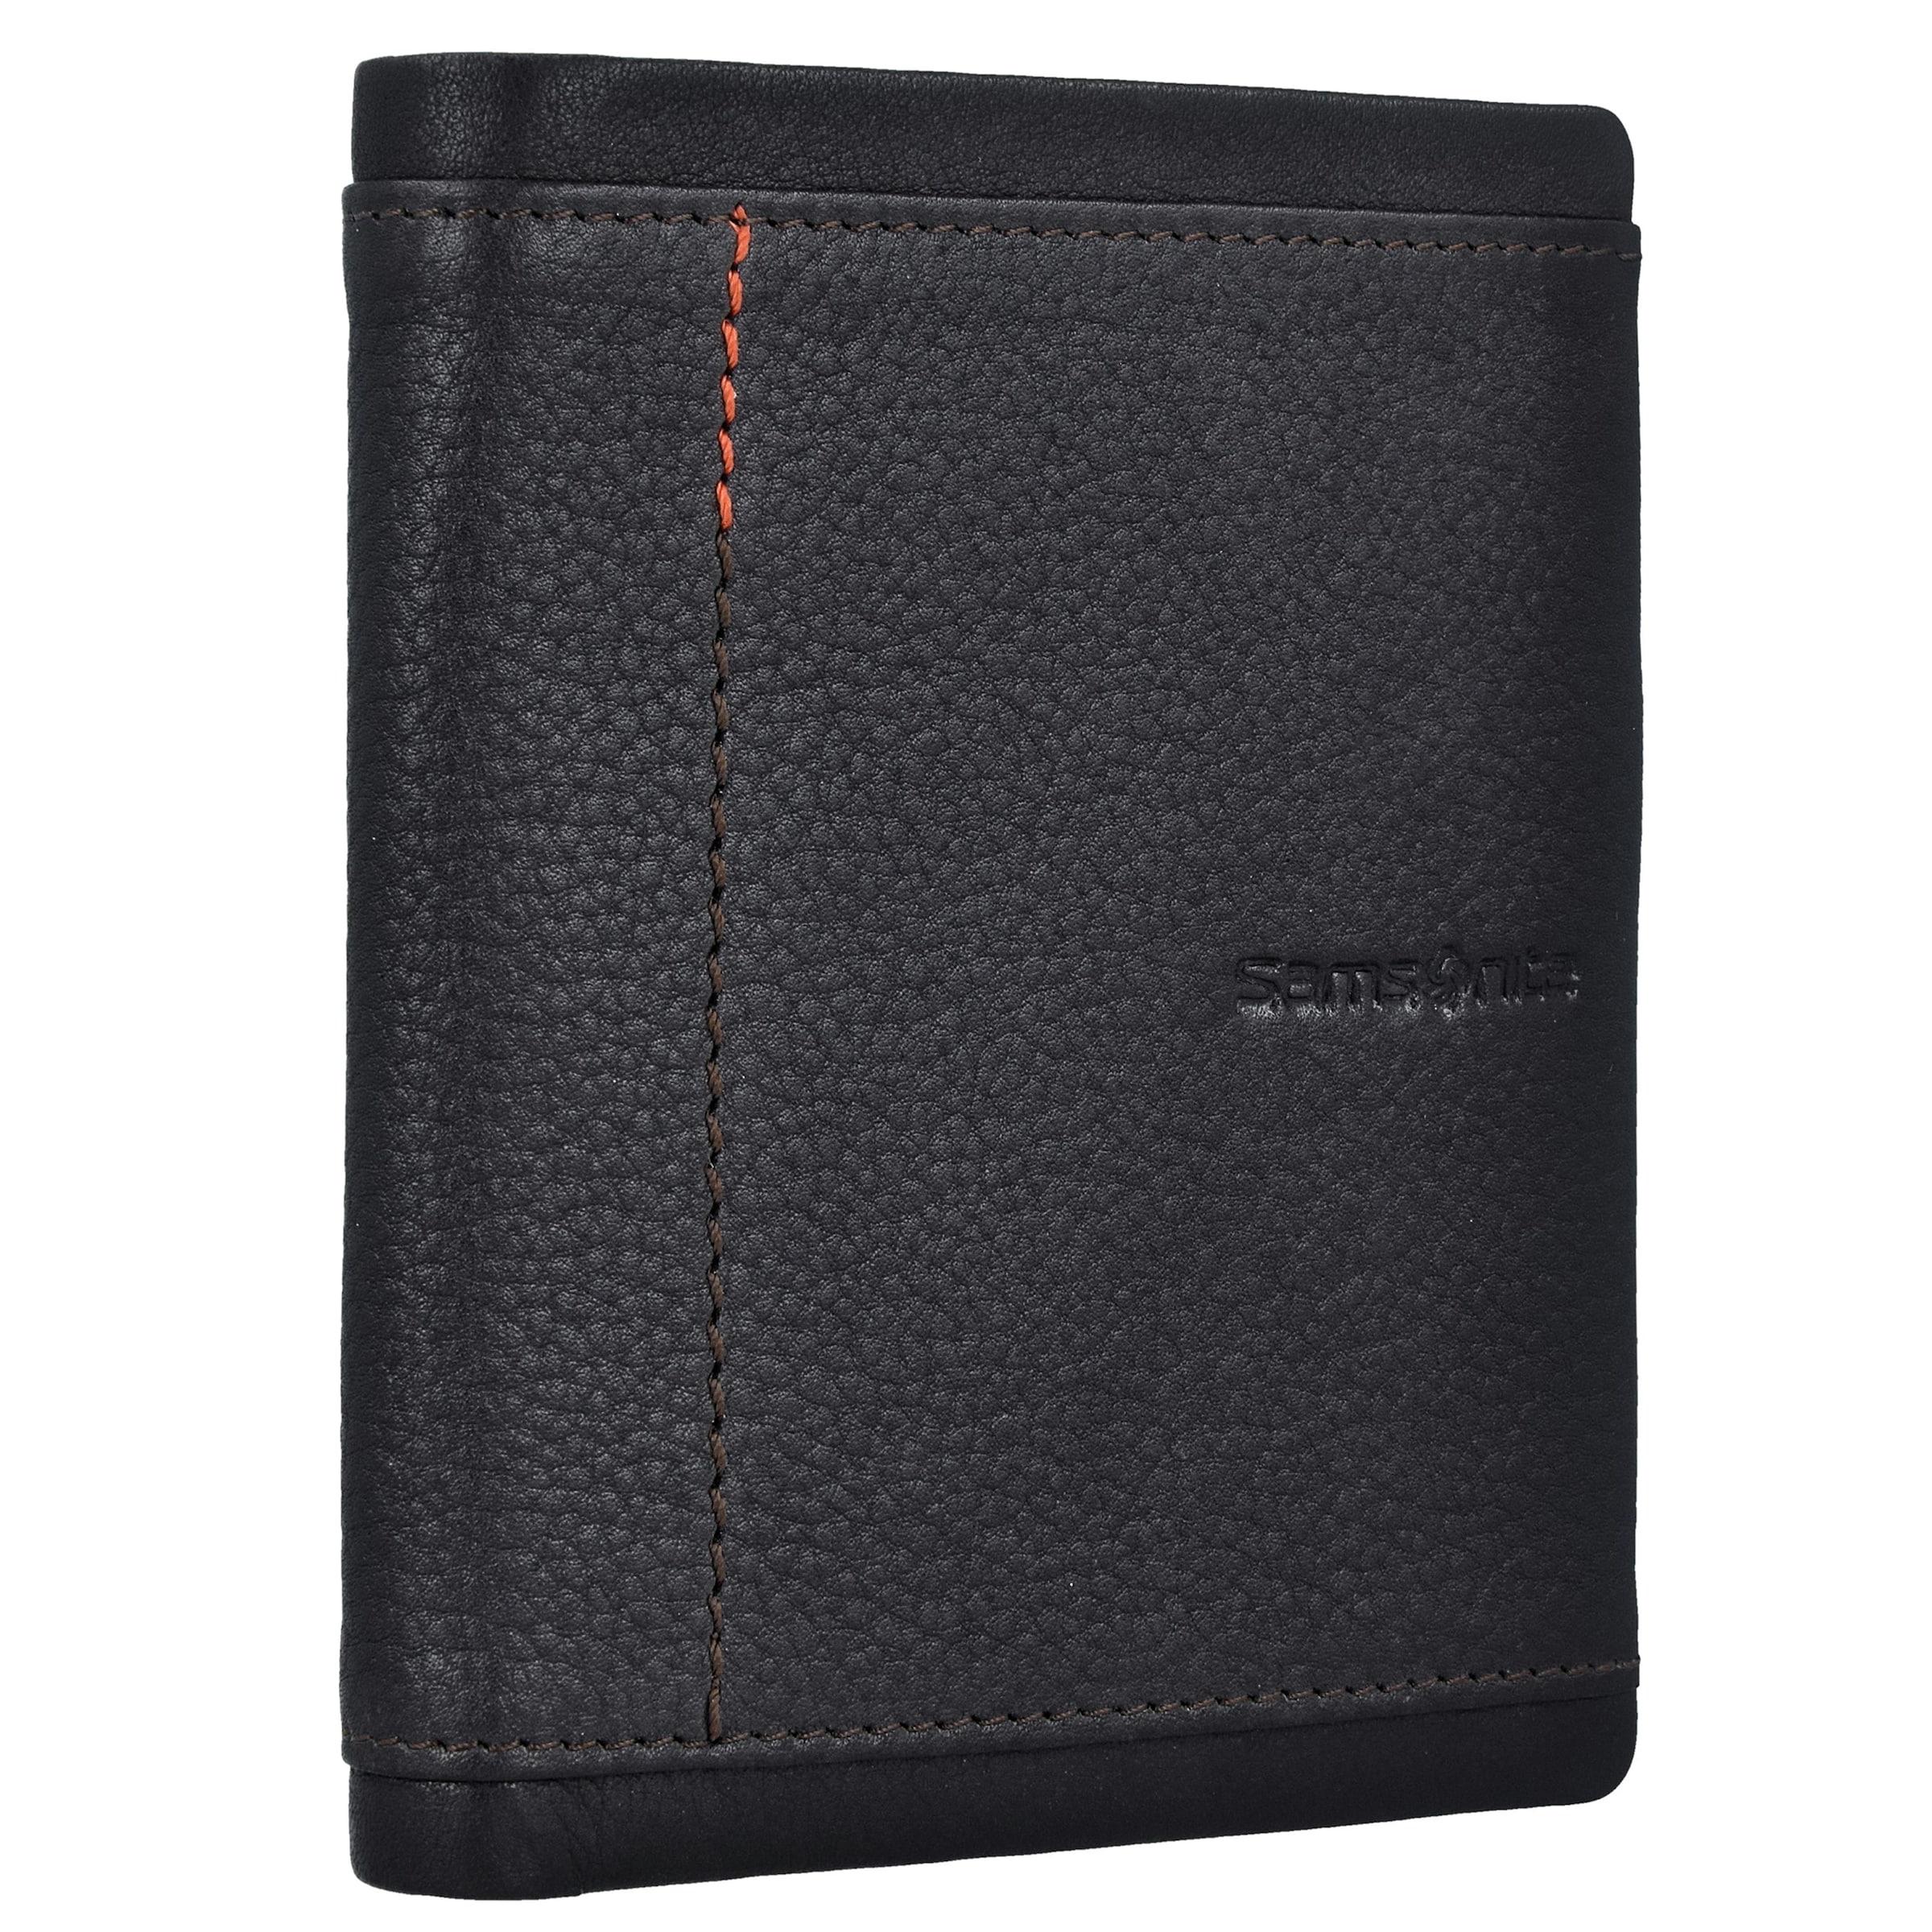 Rabatt Hohe Qualität SAMSONITE Zenith SLG Geldbörse Leder 10 cm Zahlen Mit Paypal Günstig Online  Online-Verkauf QB9BREON